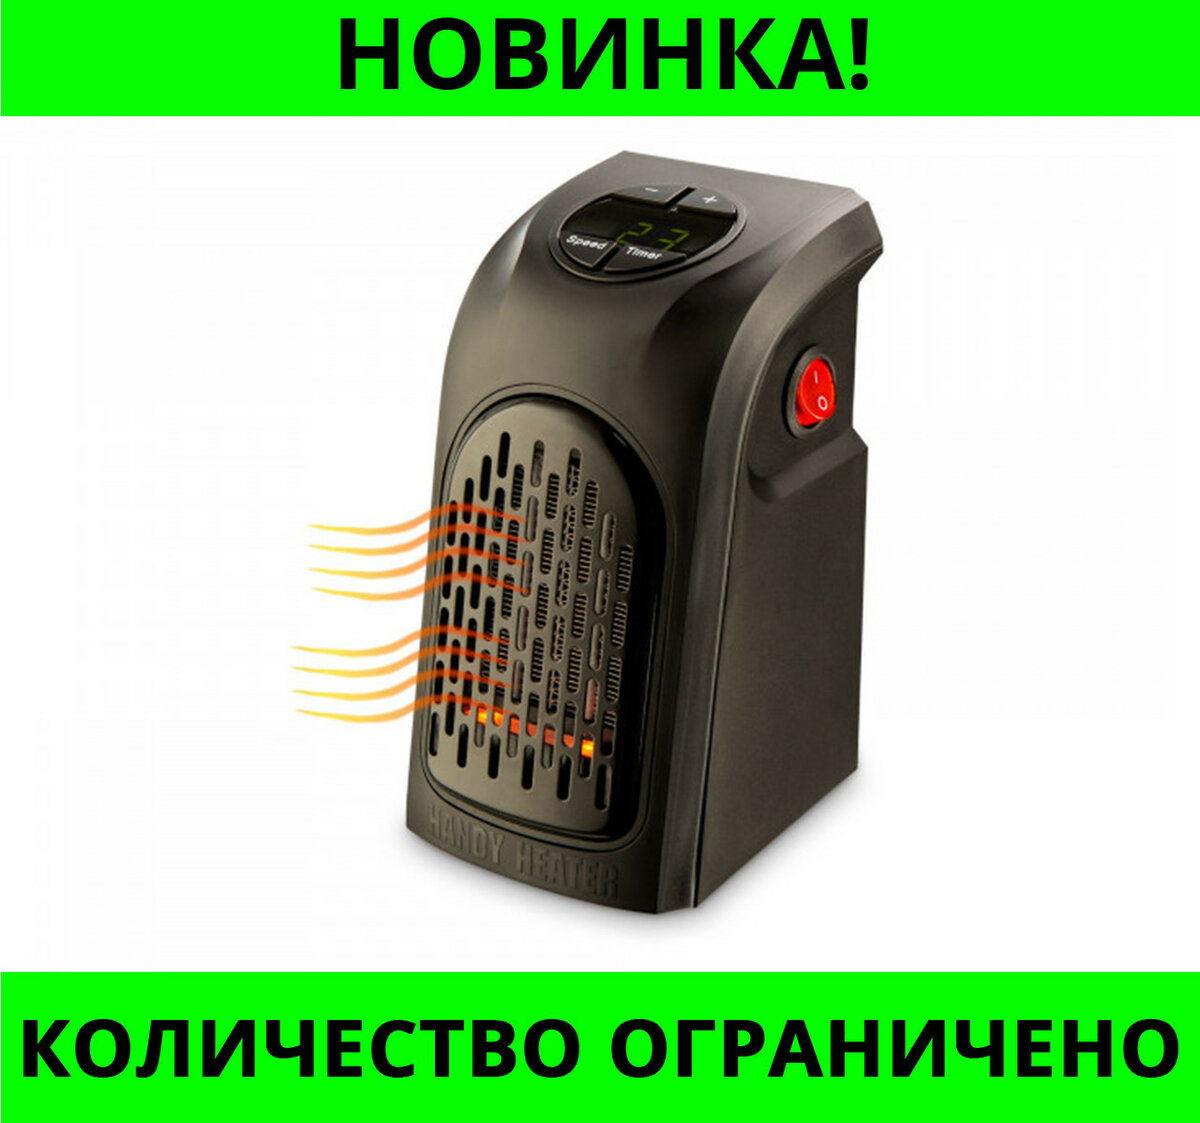 Компактный и мощный обогреватель Handy Heater в Тамбове